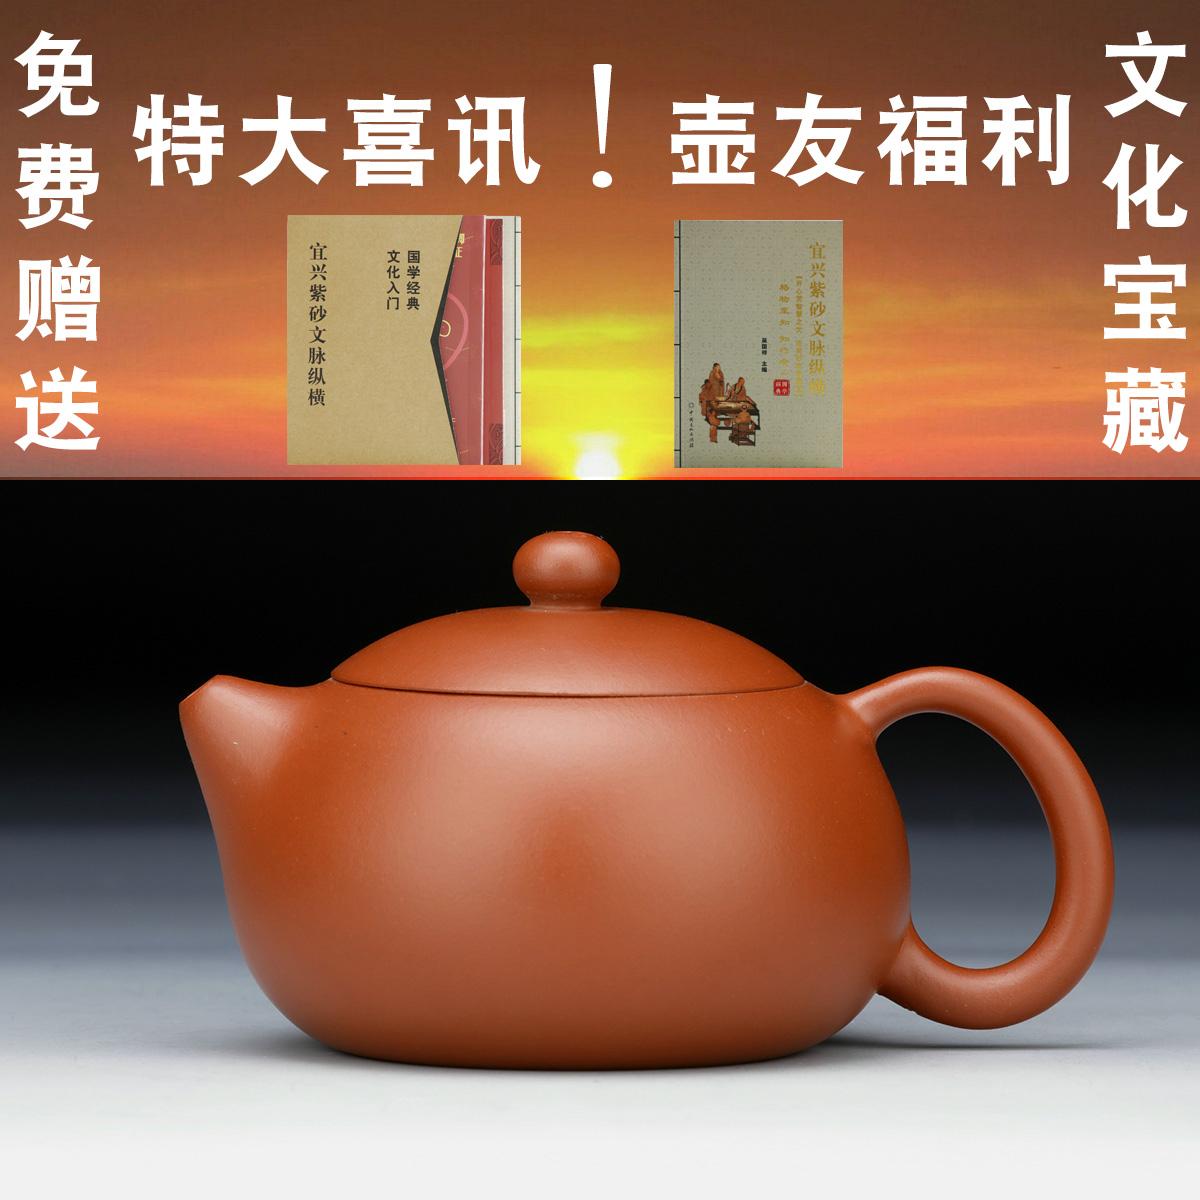 重霄堂20号朱泥西施壶紫砂壶西施 品牌力量 瑕疵宜兴小茶壶125cc